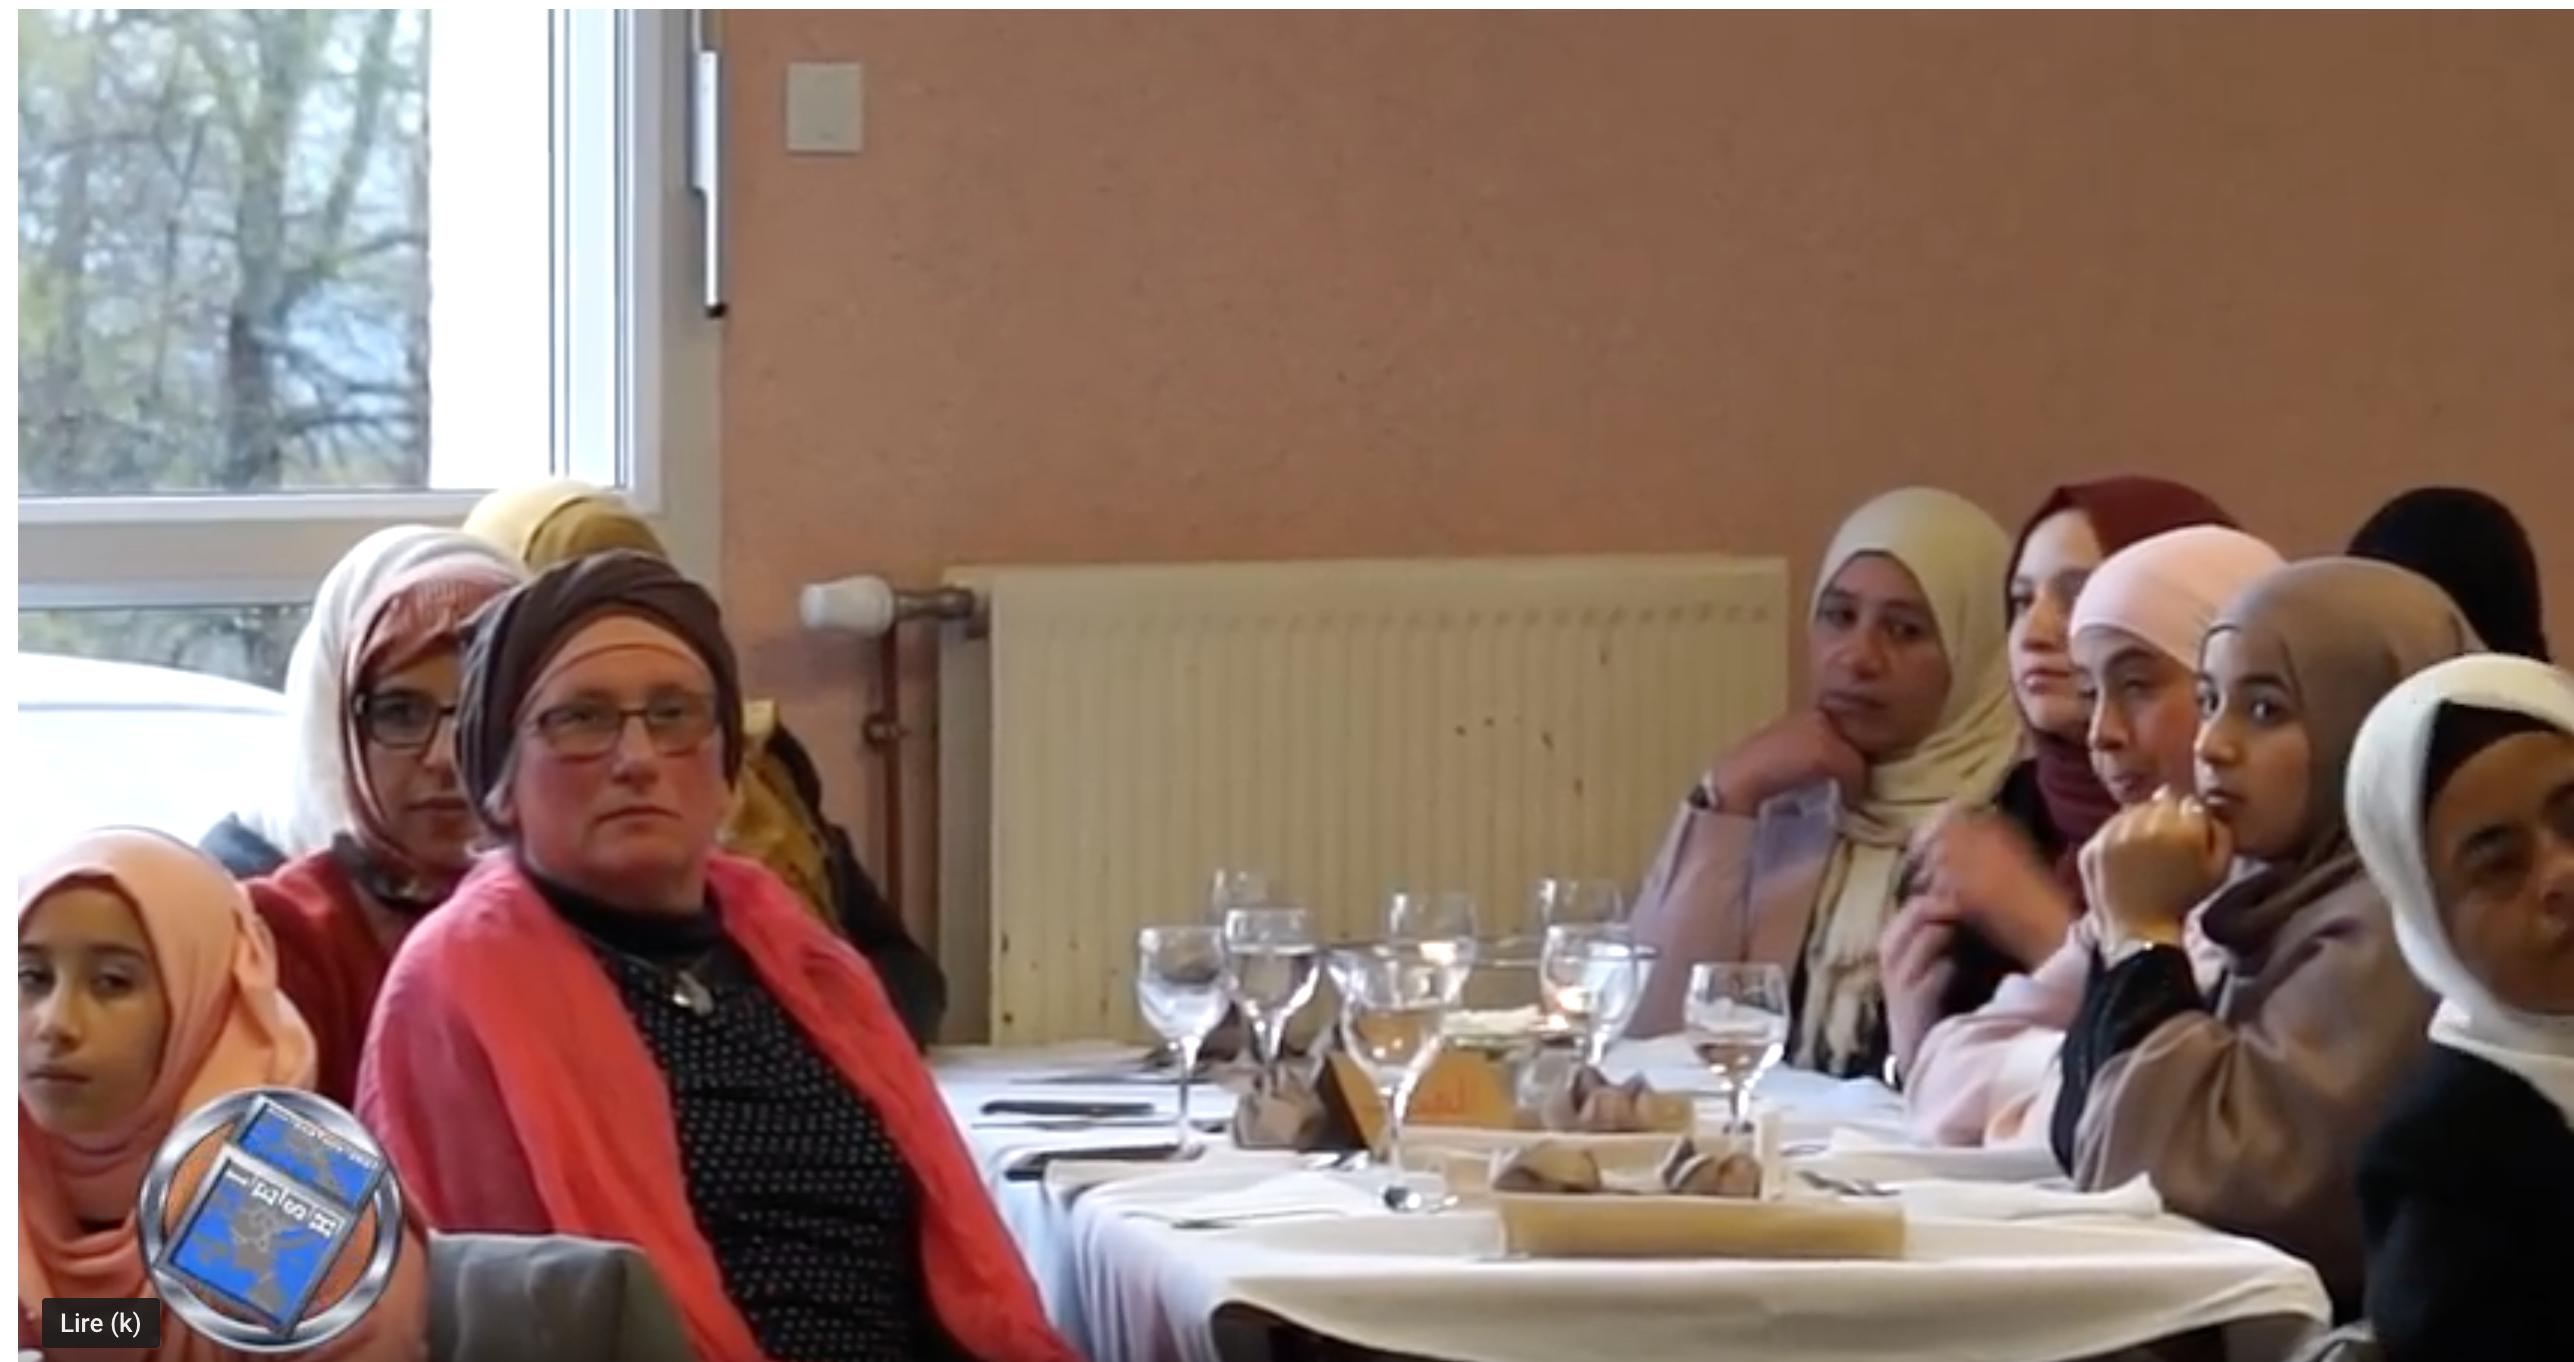 Chateau-Chinon : rattrapage scolaire avec les Frères musulmans, entrecoupé des 5 prières quotidiennes !